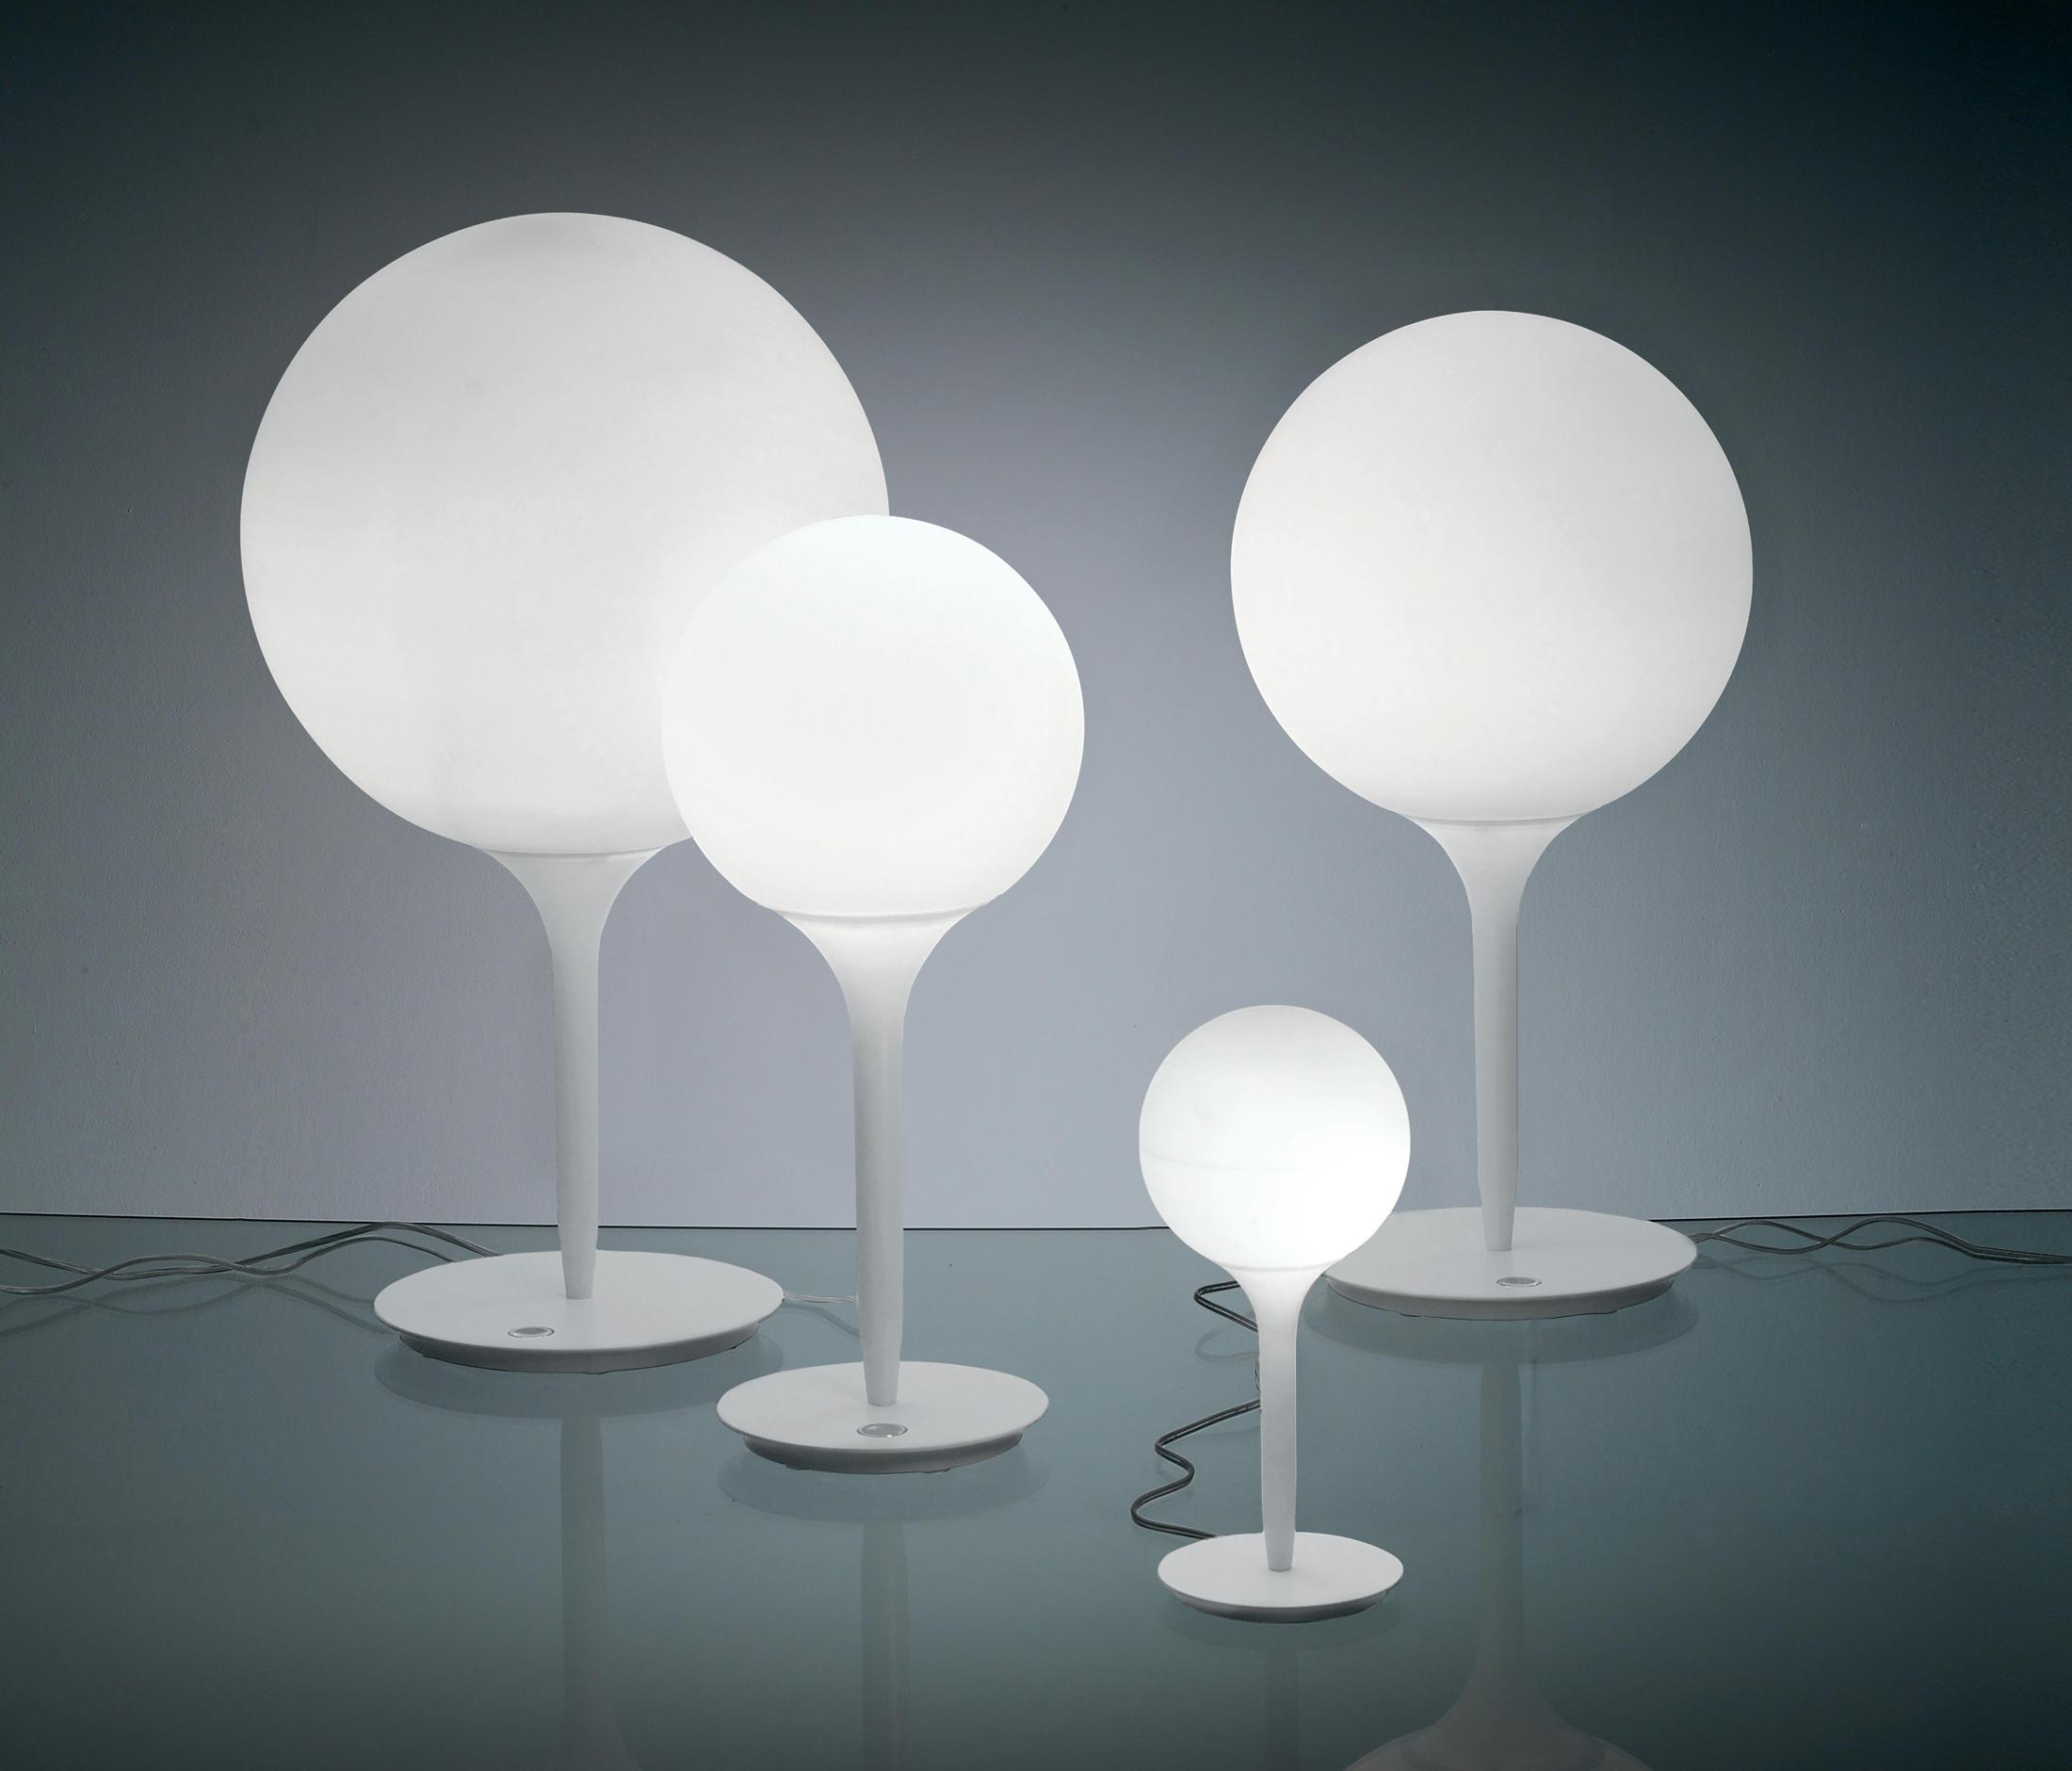 Castore lampade da tavolo illuminazione generale - Artemide lampade tavolo ...